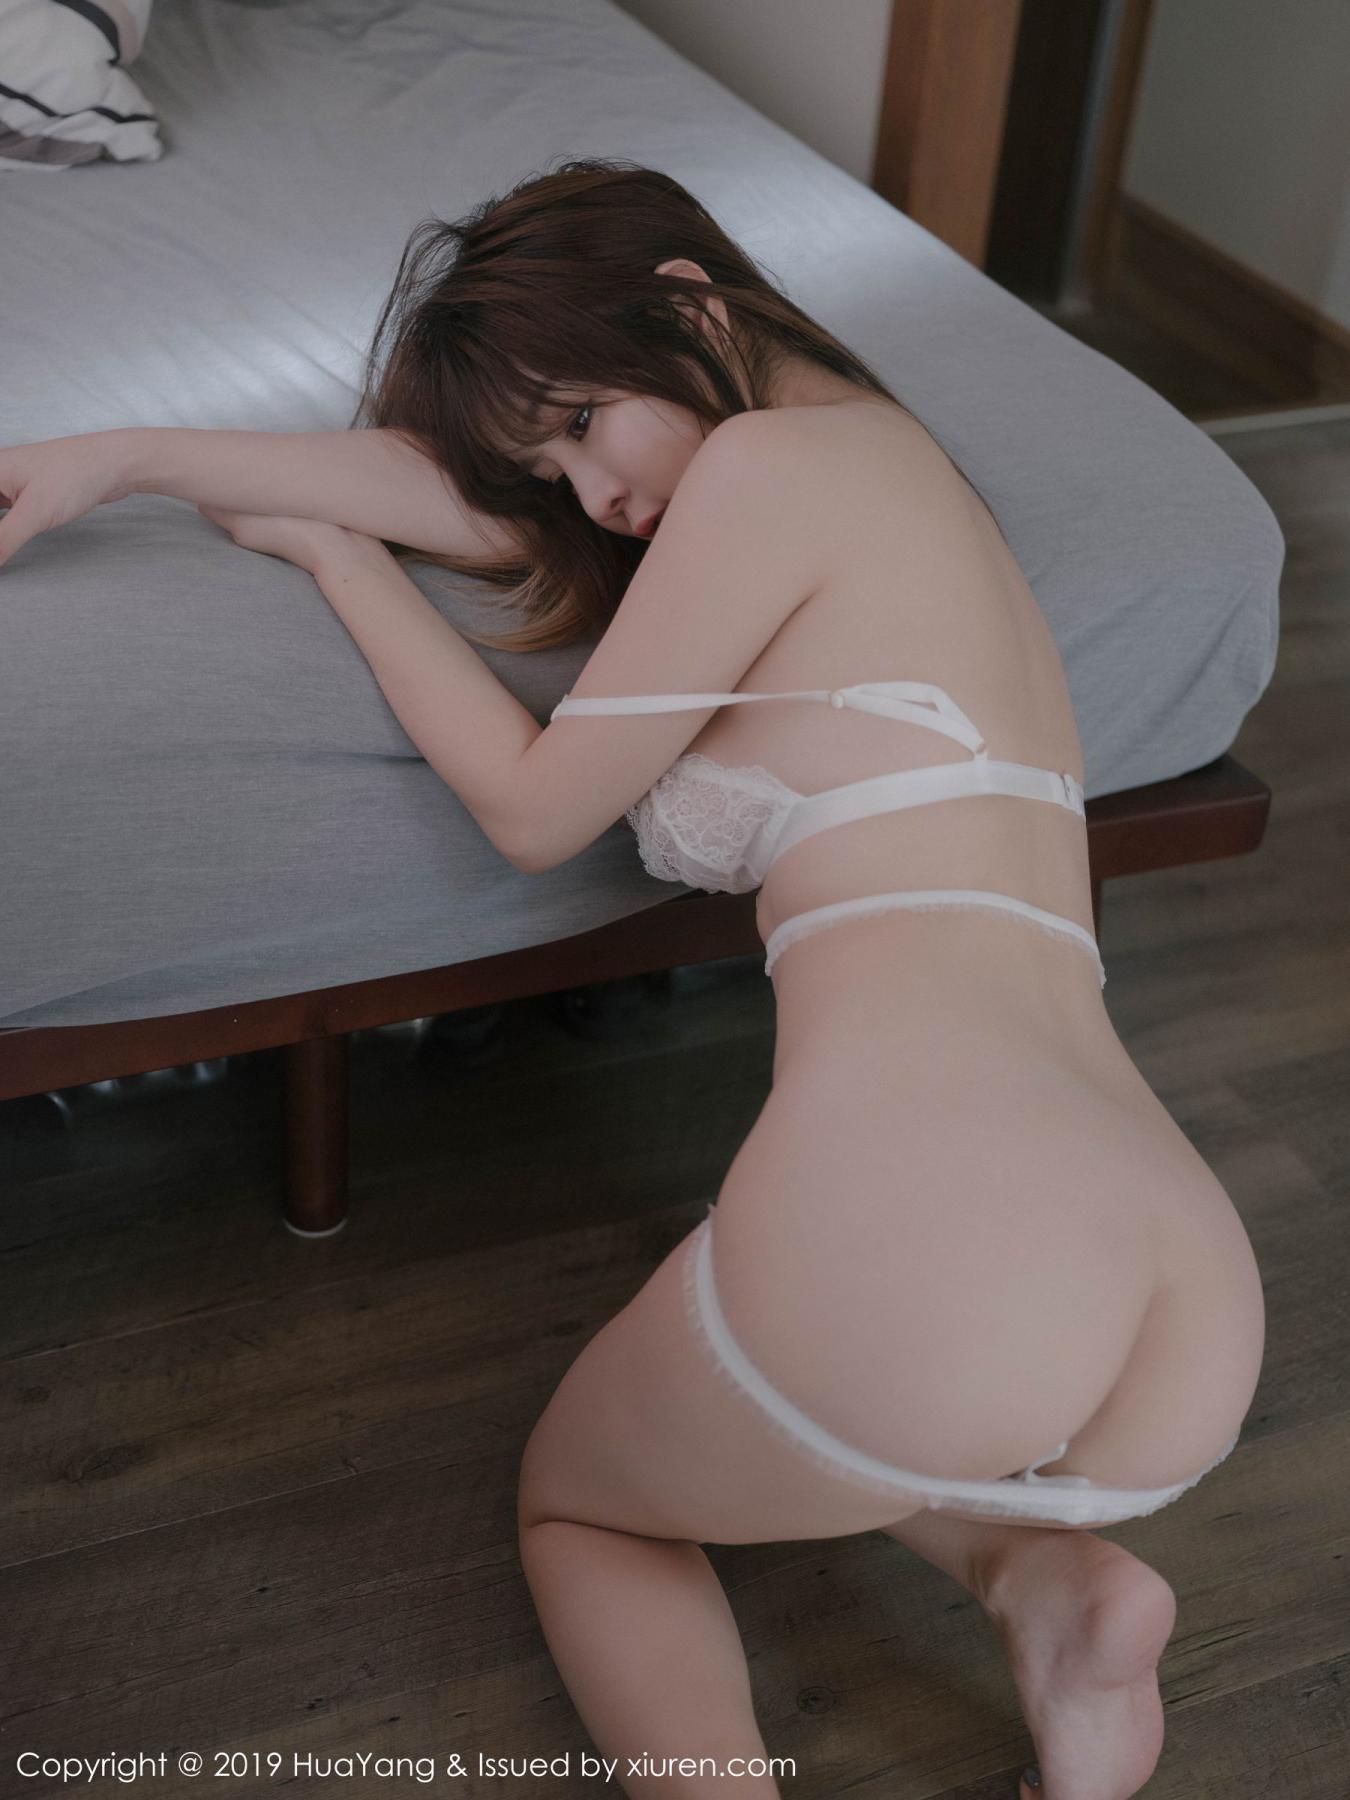 [Huayang] Vol.120 Wang Yu Chun 14P, Adult, Big Booty, HuaYang, Underwear, Wang Yu Chun